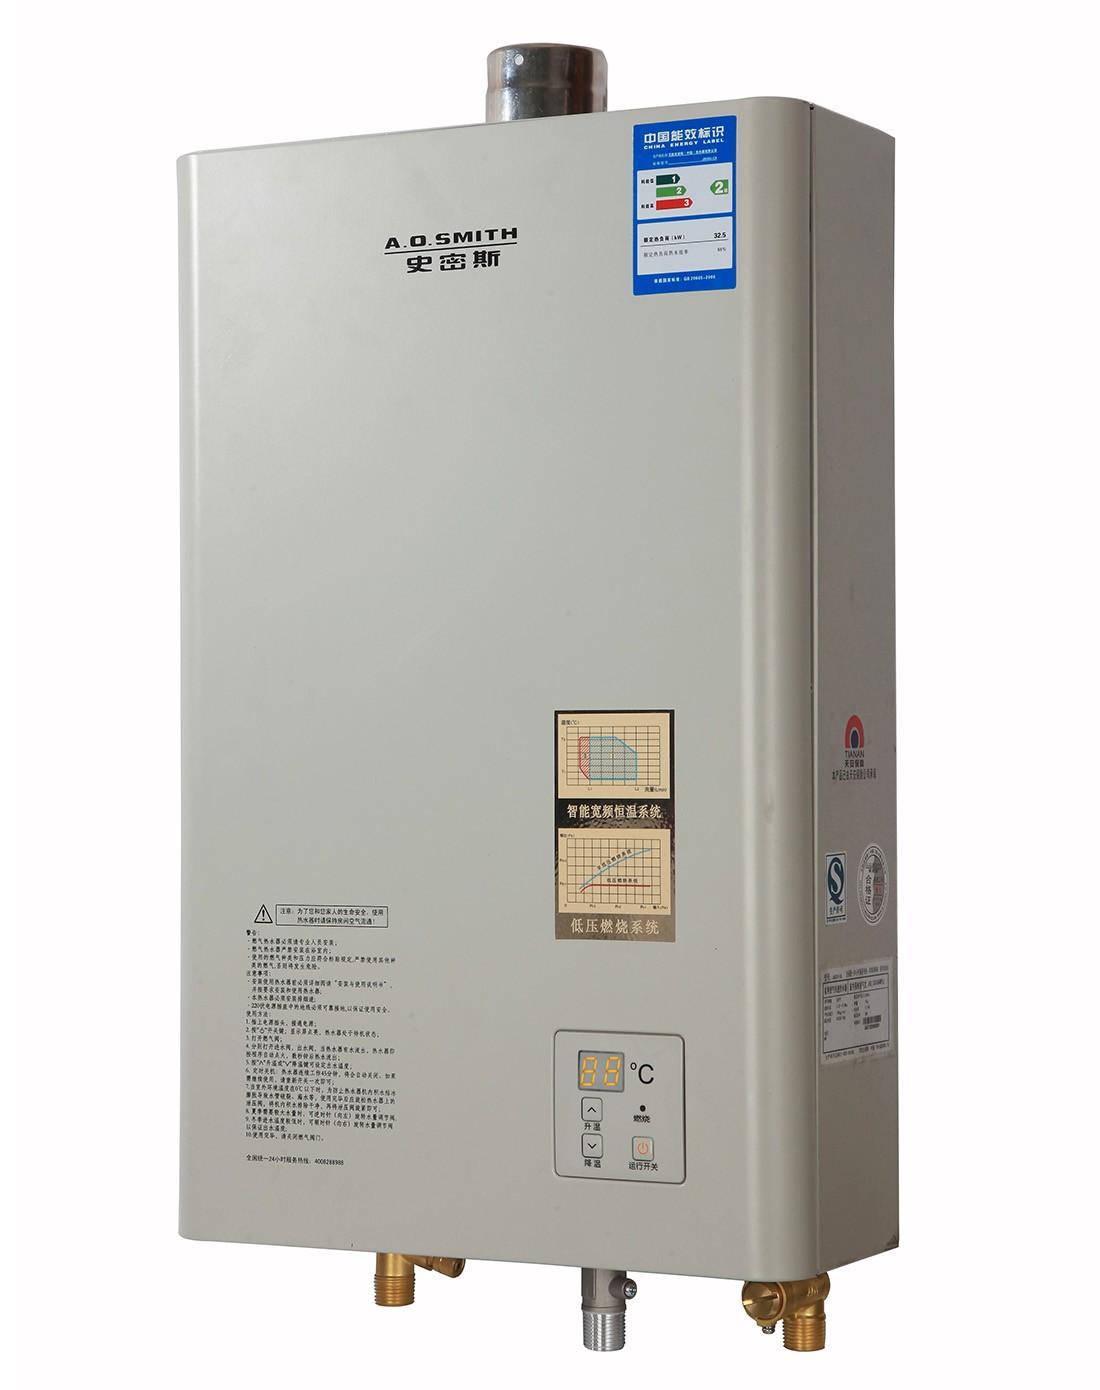 > 燃气热水器 天然气 恒温 10升